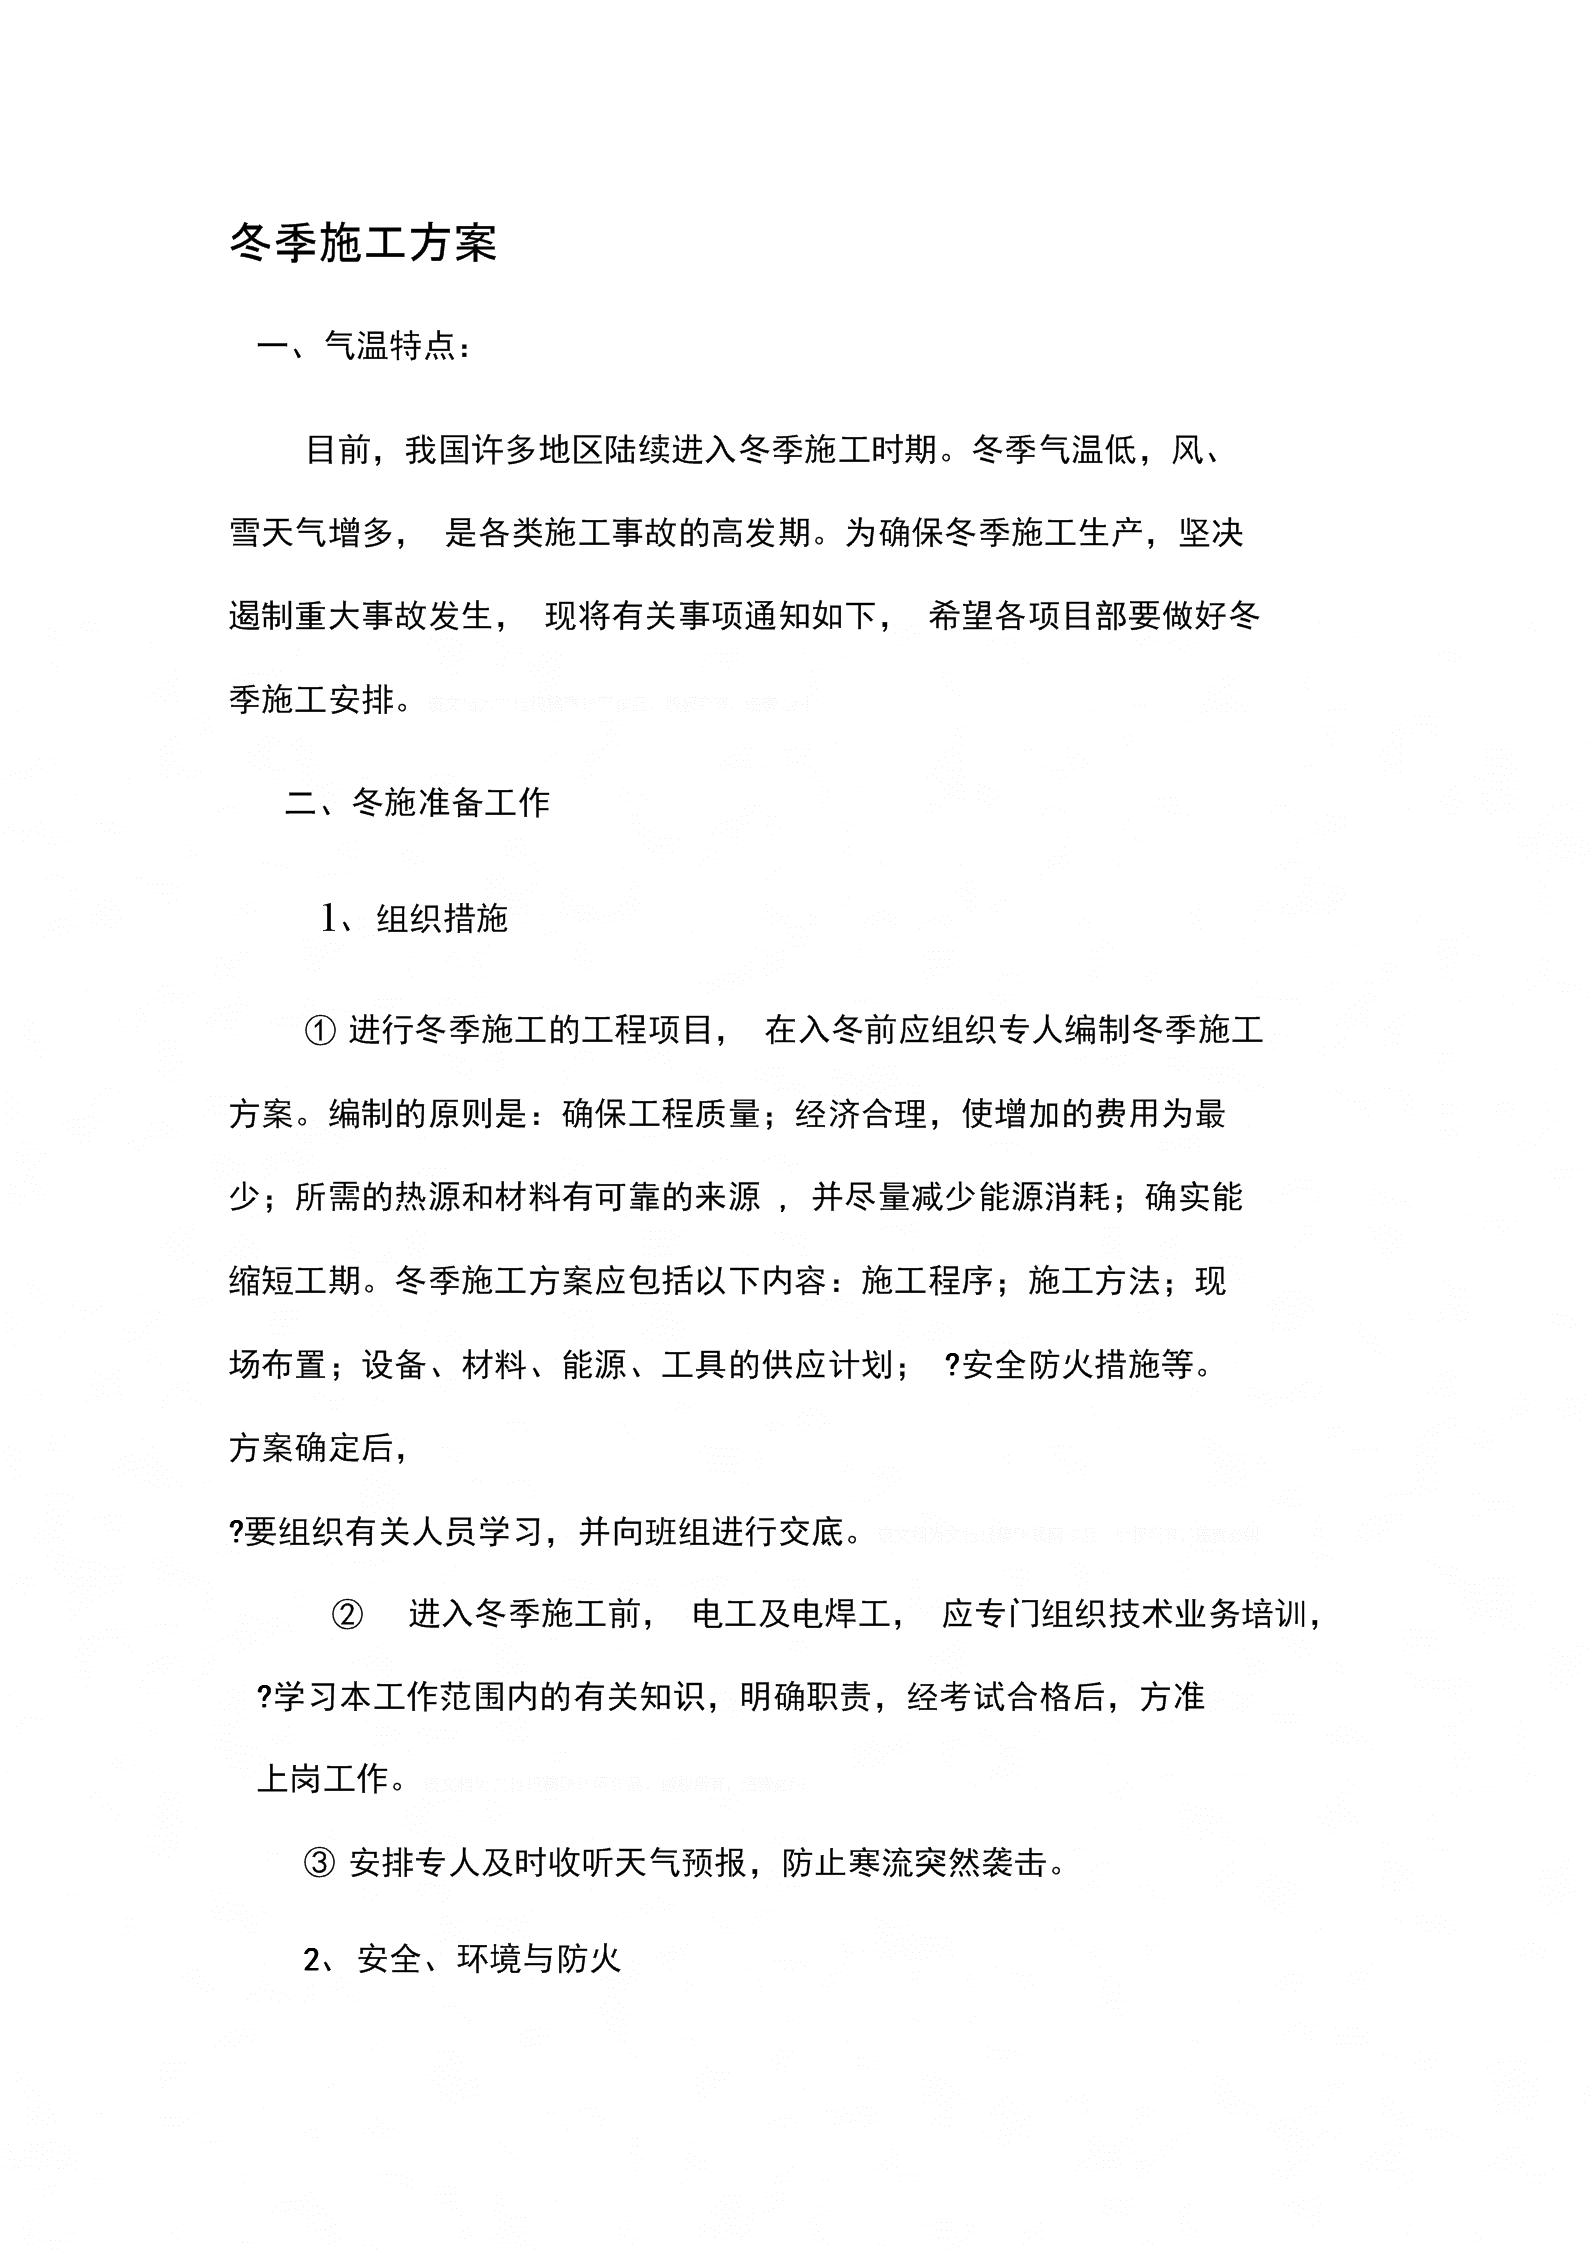 安装工程冬季施工方案.docx